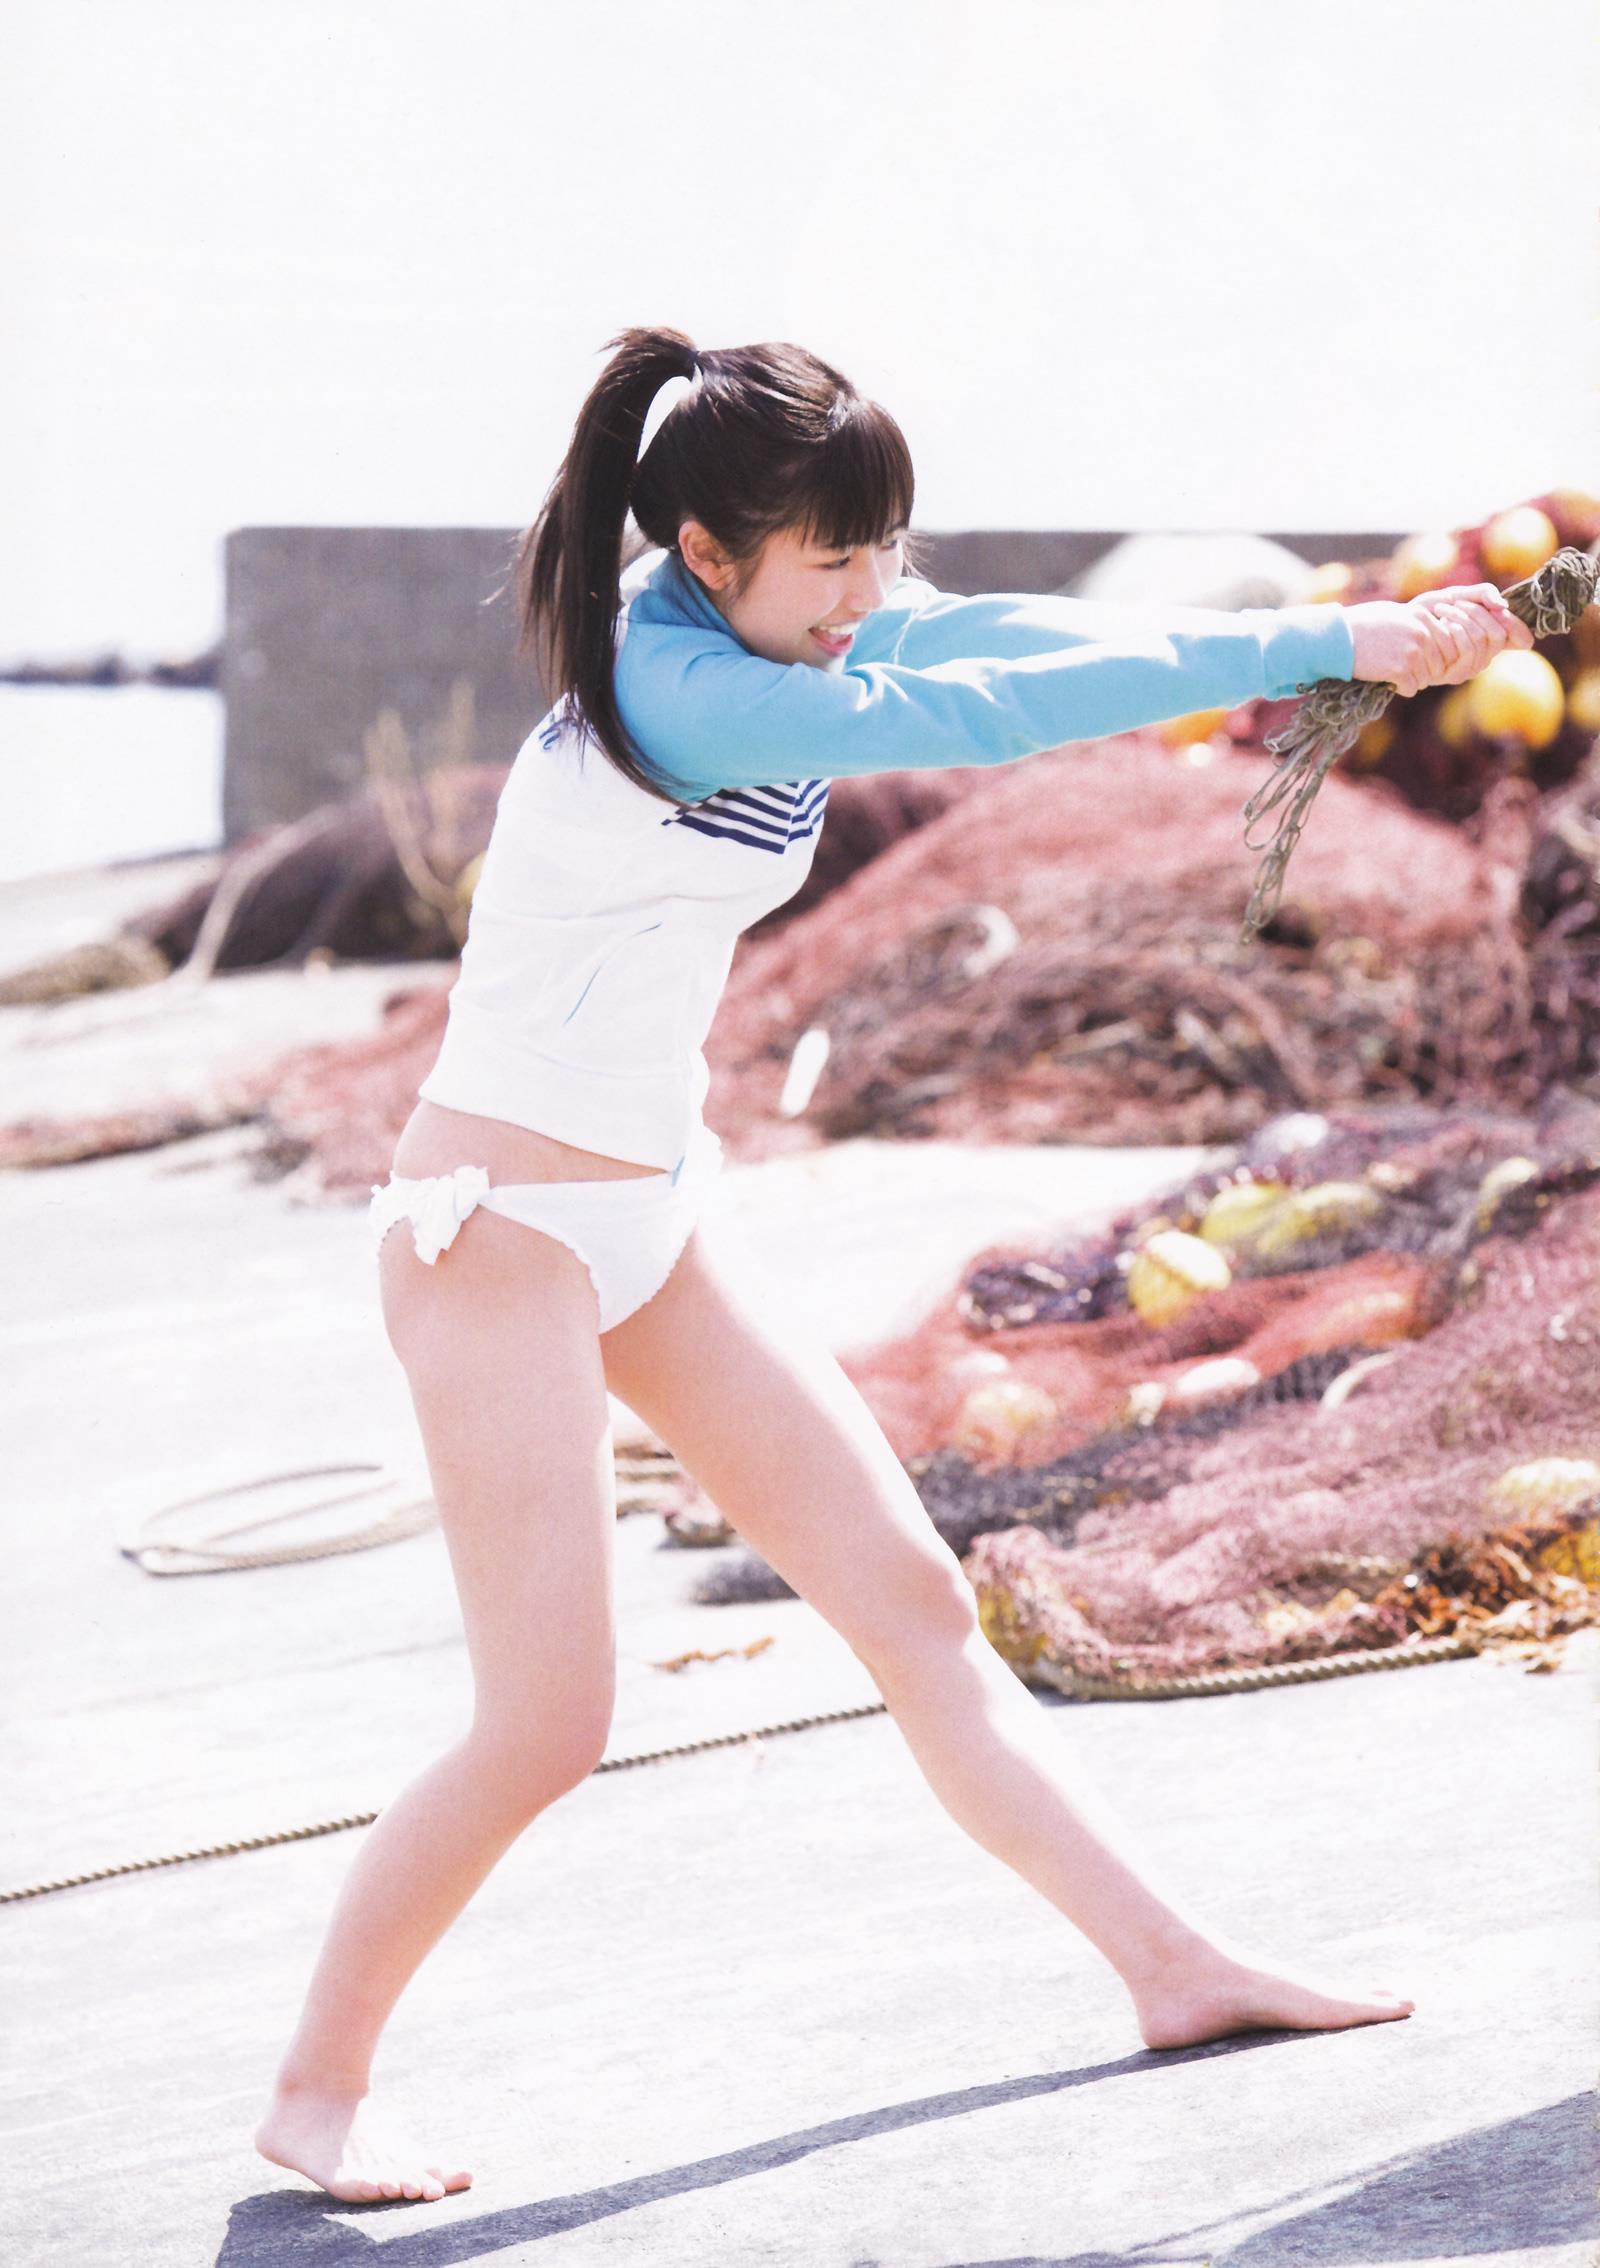 渡辺麻友 写真集「まゆゆ」 画像 85